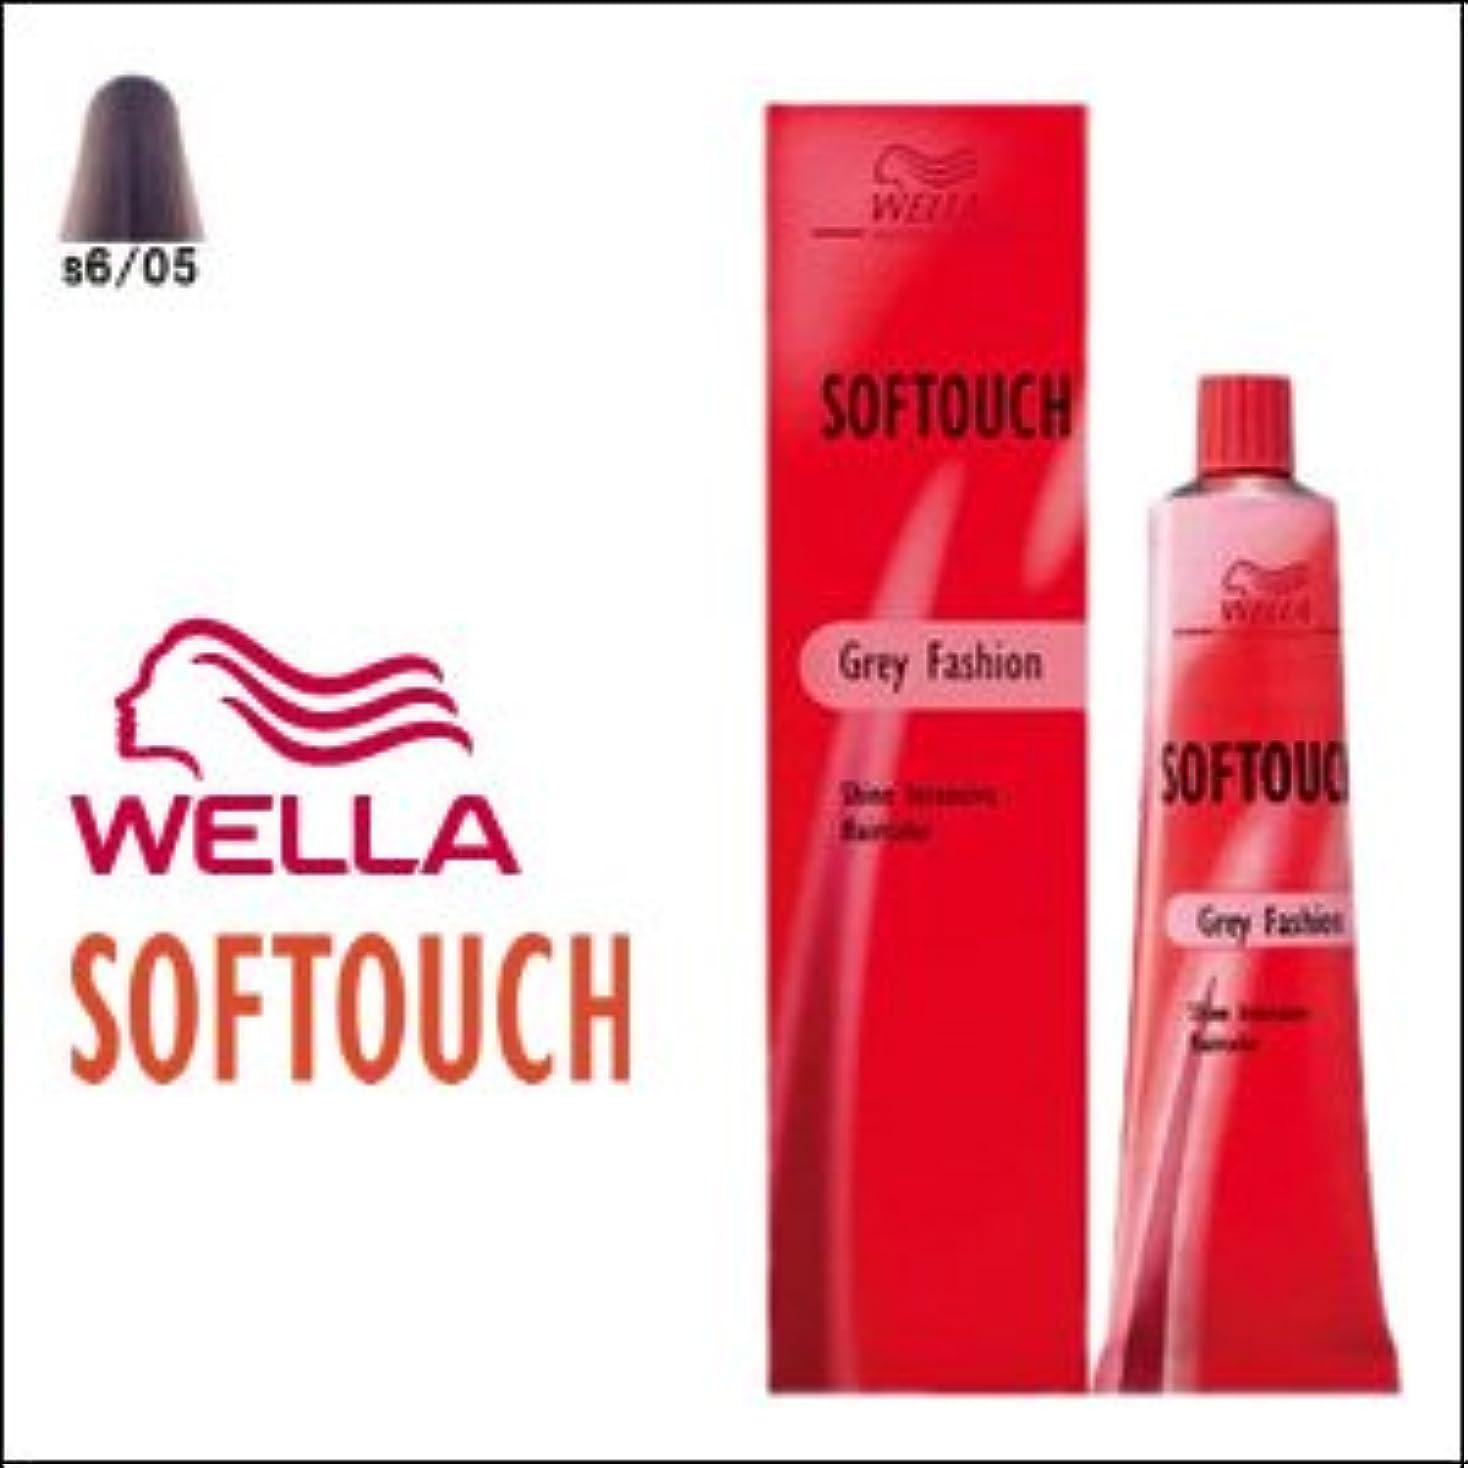 クレタ充実流産ウエラ ヘアカラー ソフタッチ S6/05 60g